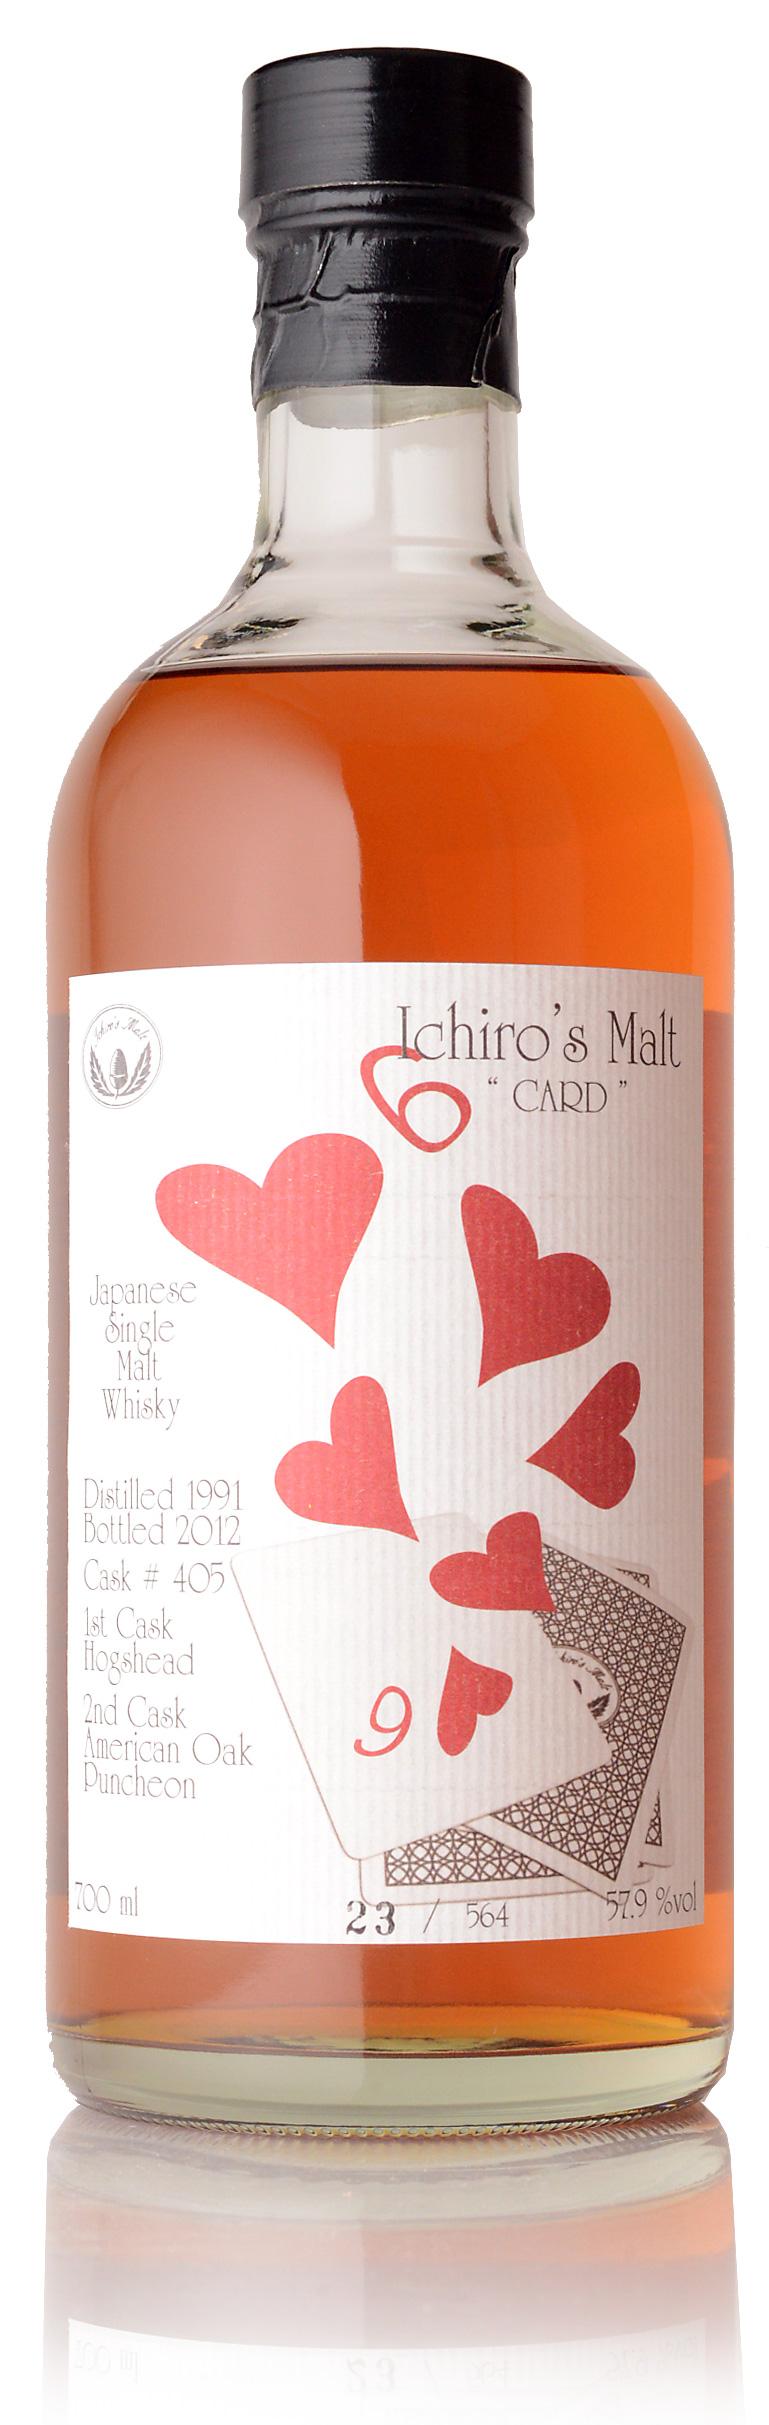 Ichiro's Malt Six of Hearts 1991/2012 - 57.9%